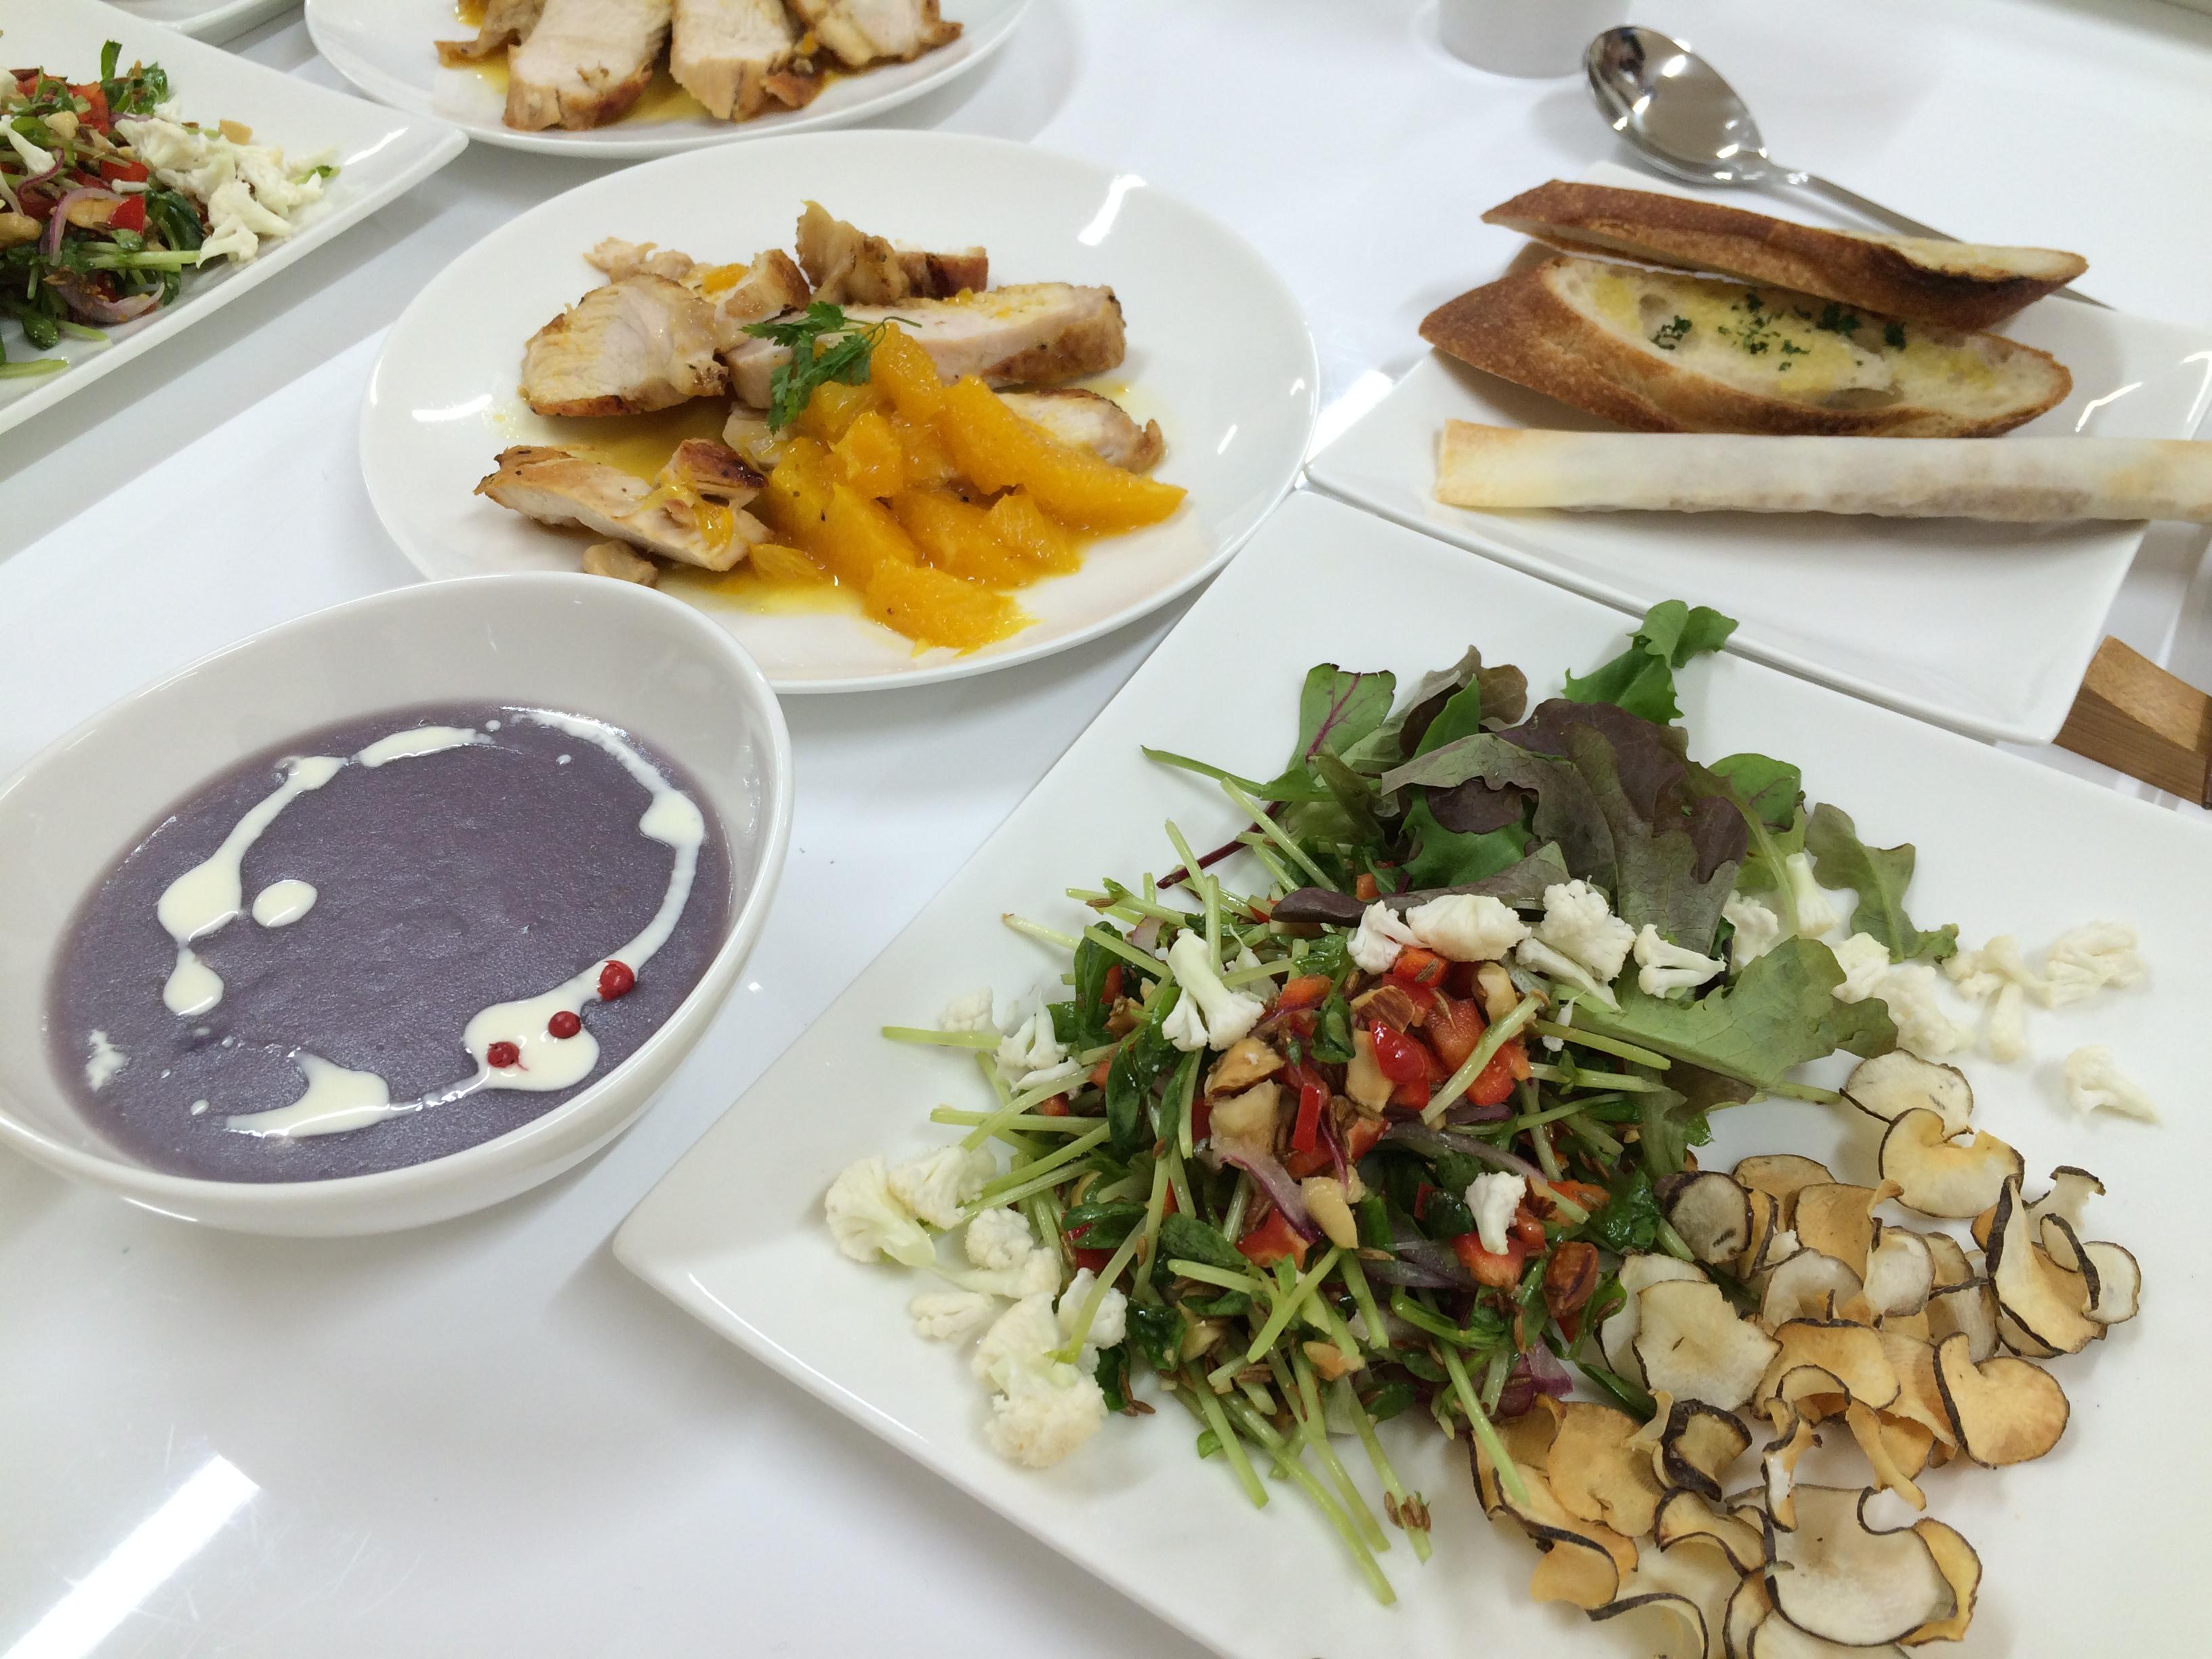 ハーブ・野菜・果物を楽しむ講座 2014年12月